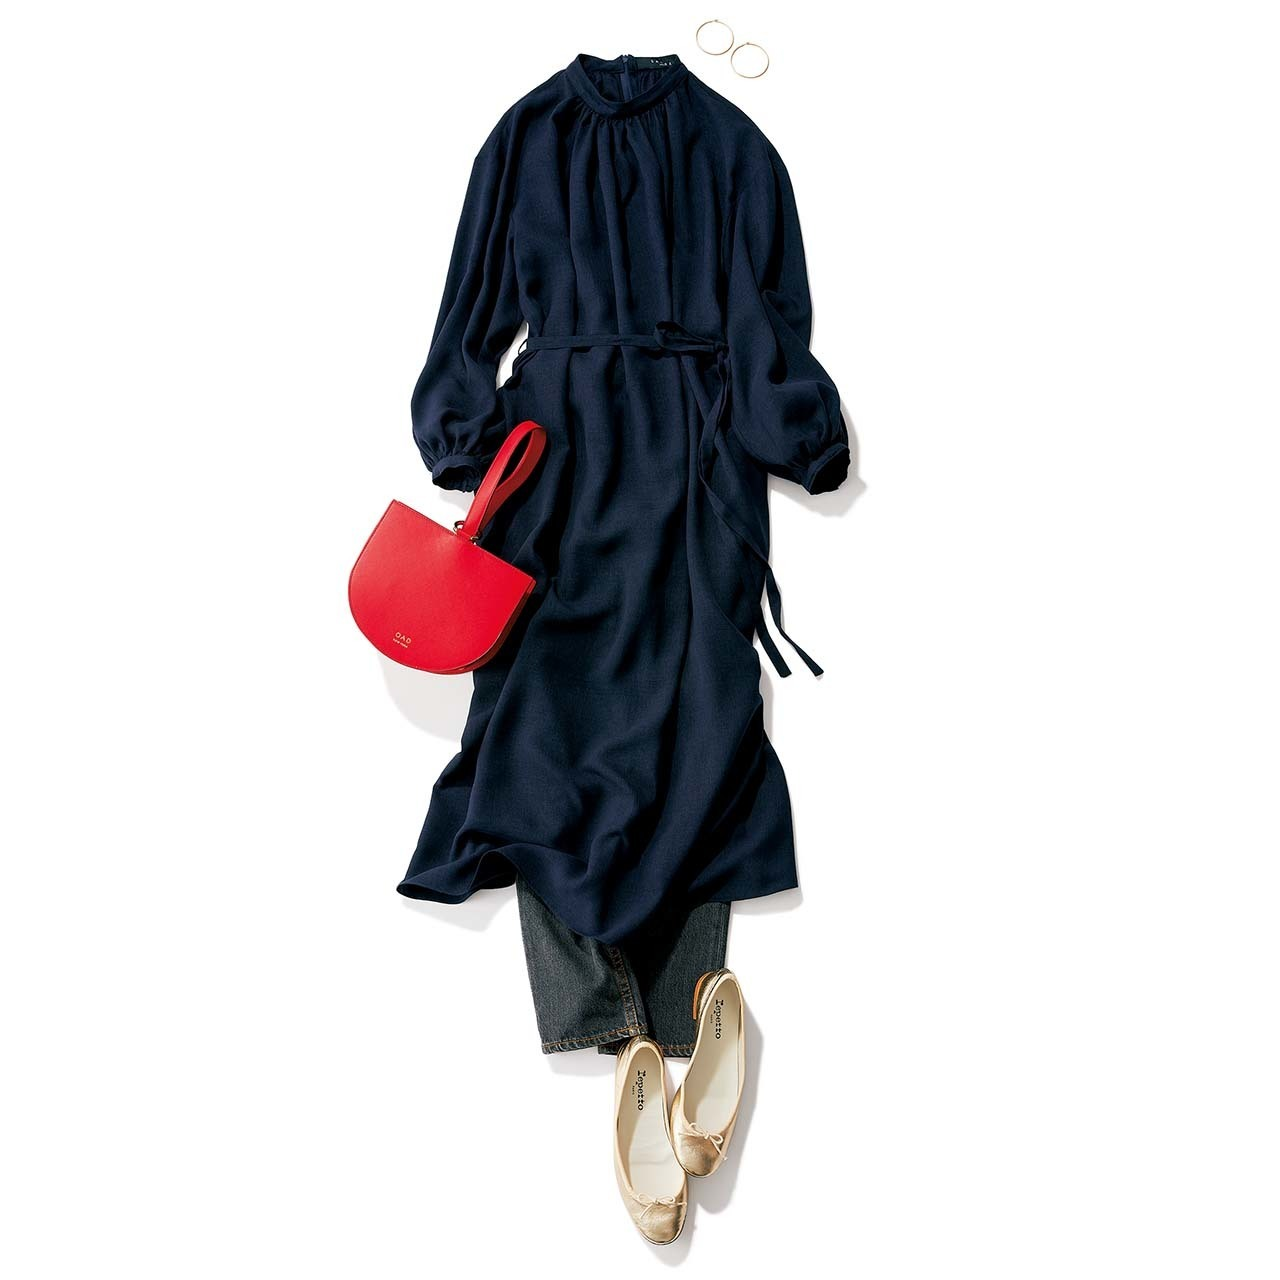 楽だからじゃない!アラフォーファッションの主役になる「フラット靴」| 40代ファッション_1_11